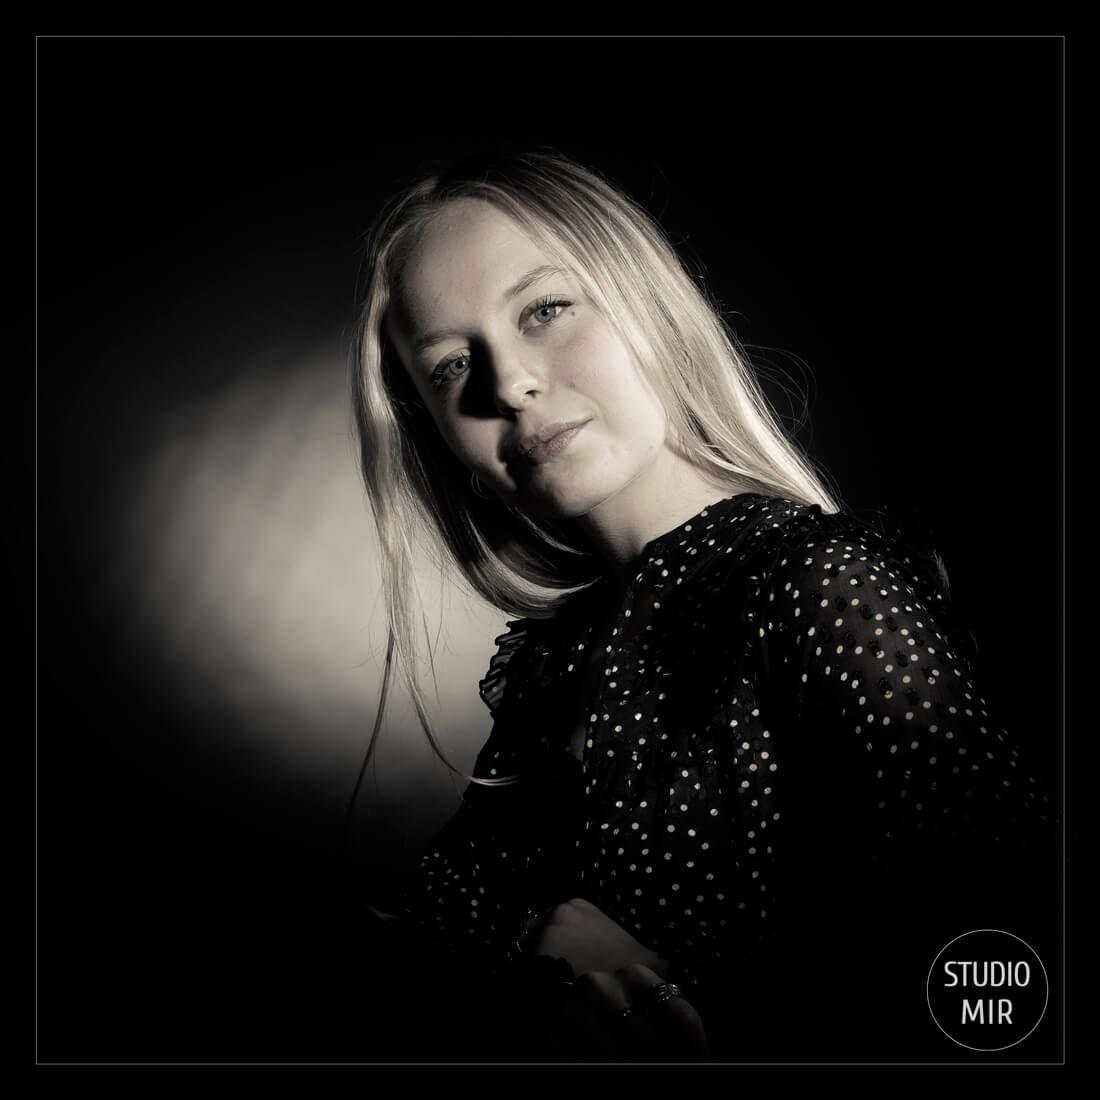 Photographe portrait en noir et blanc près de Paris inspiré du studio Harcourt